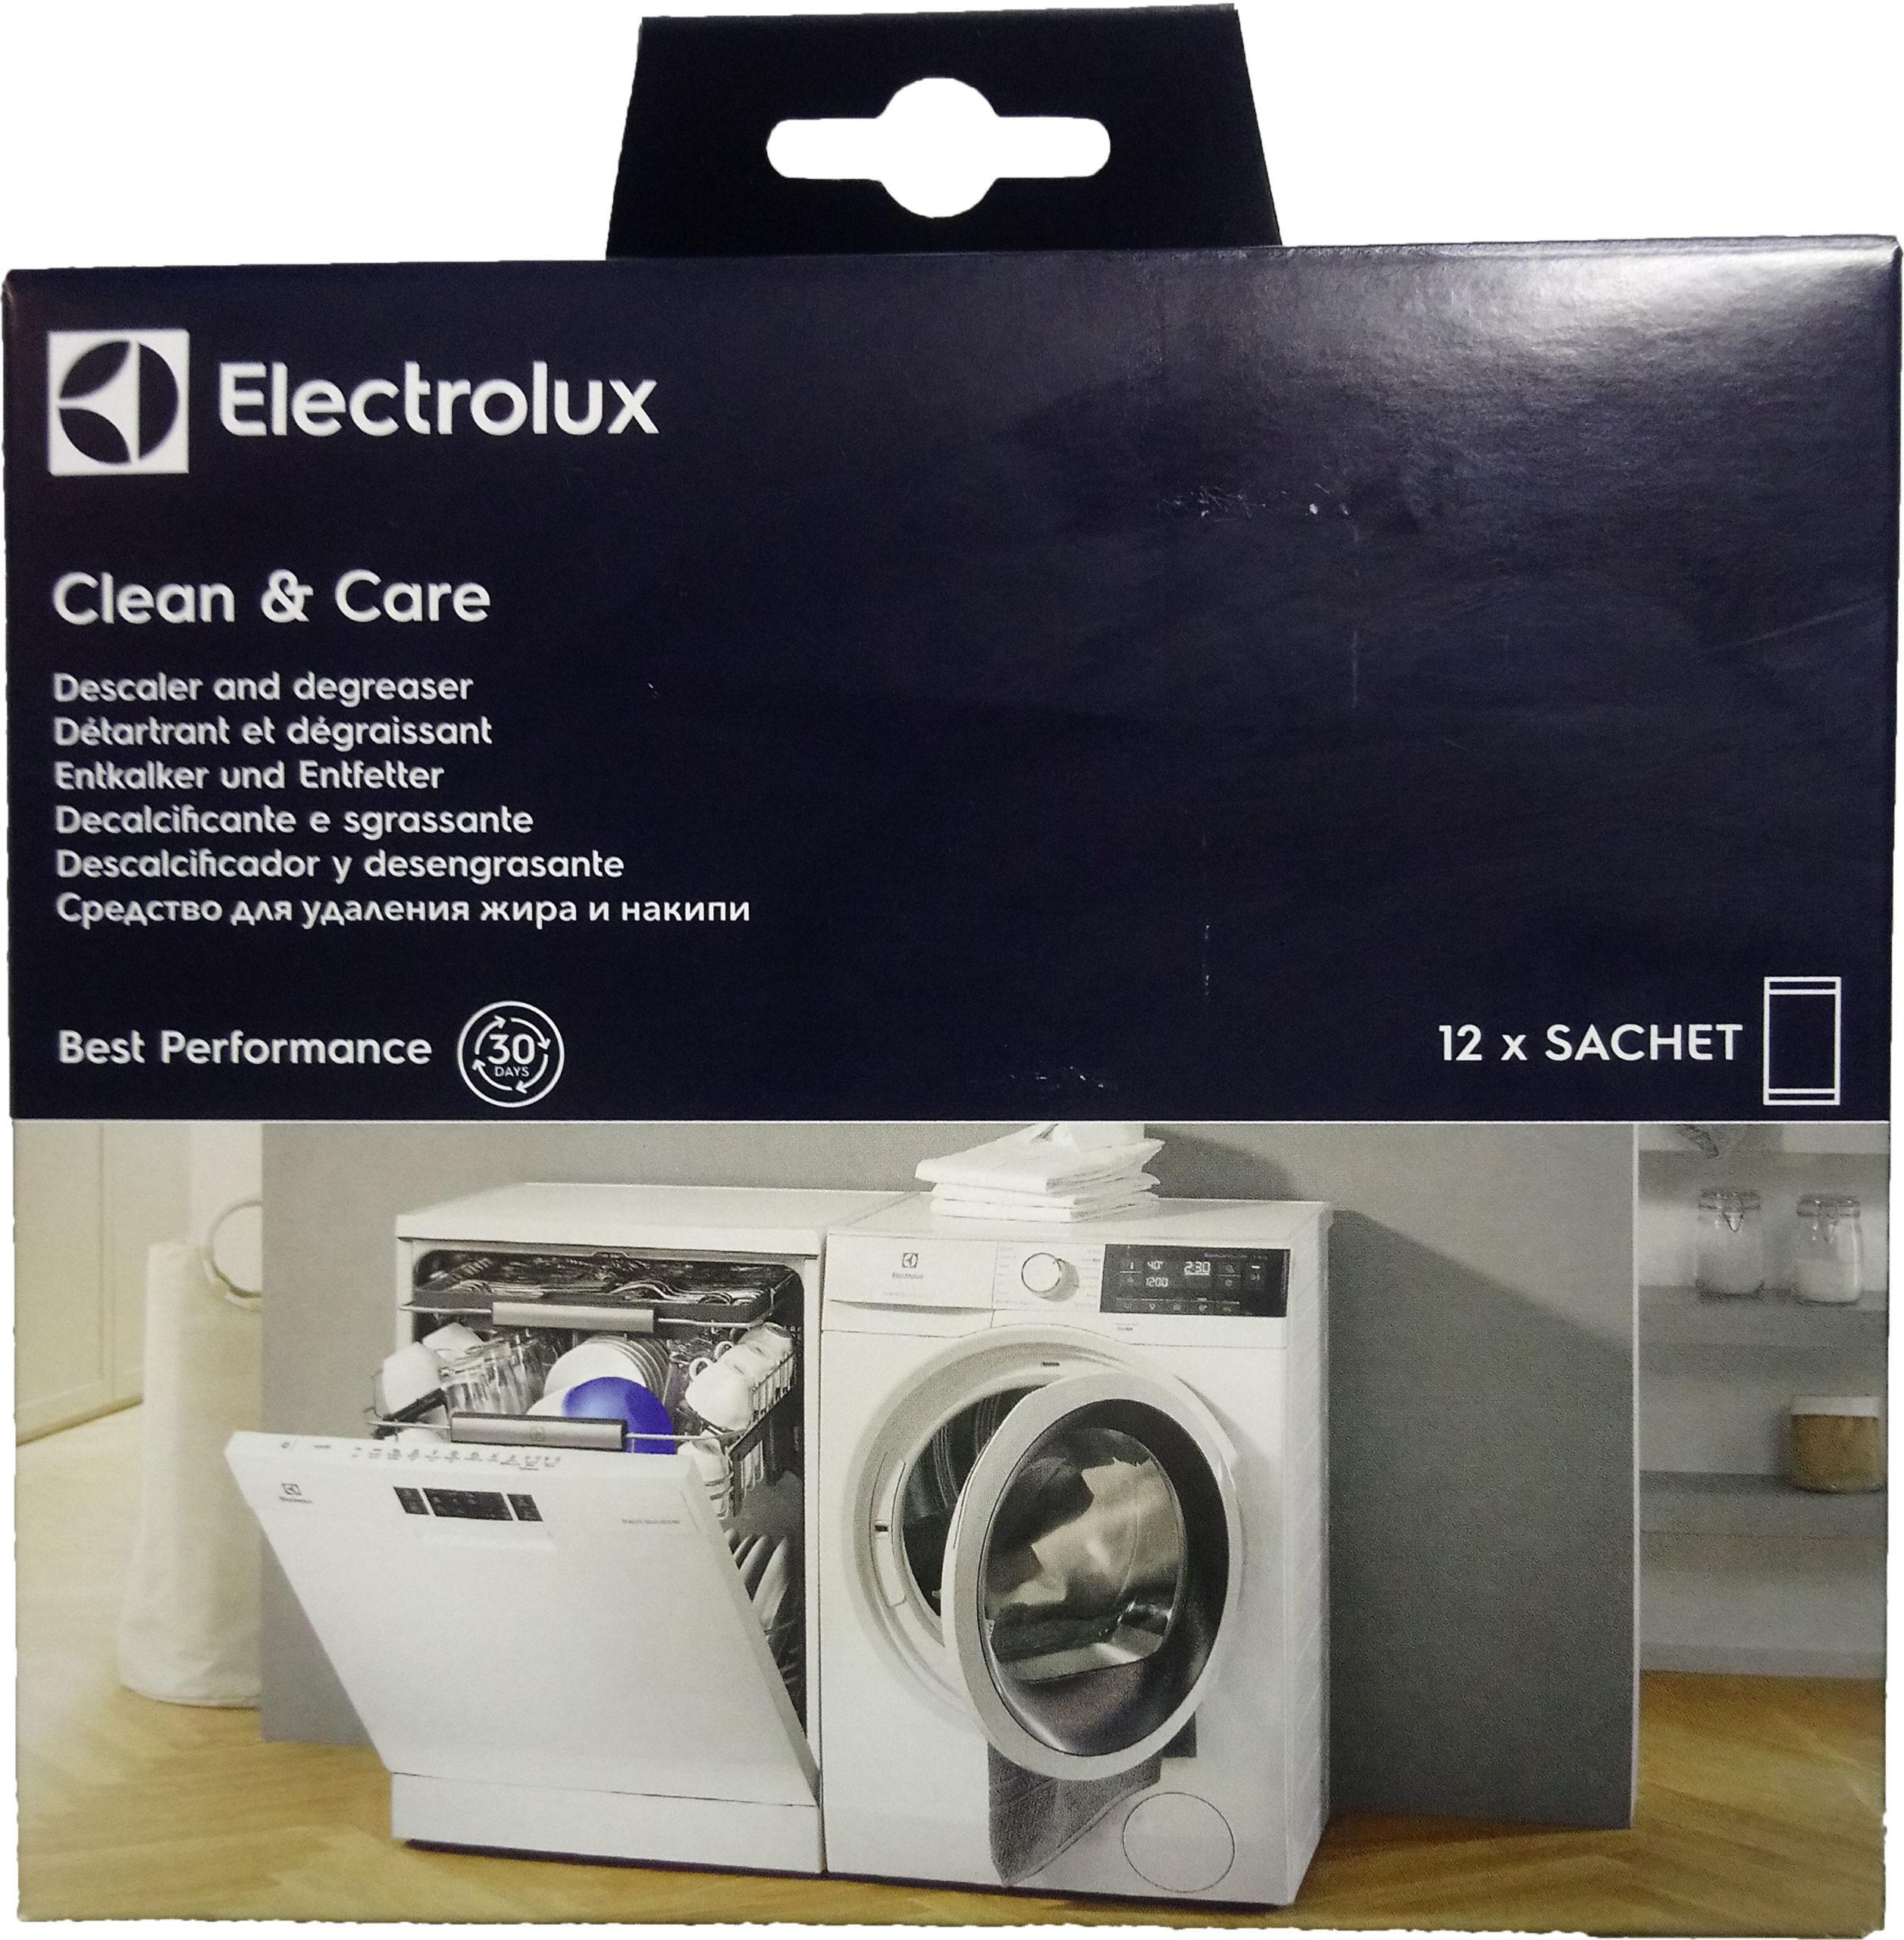 Средство (порошок) для удаления накипи Electrolux 3 в 1 — 12 пакетиков 9029792745